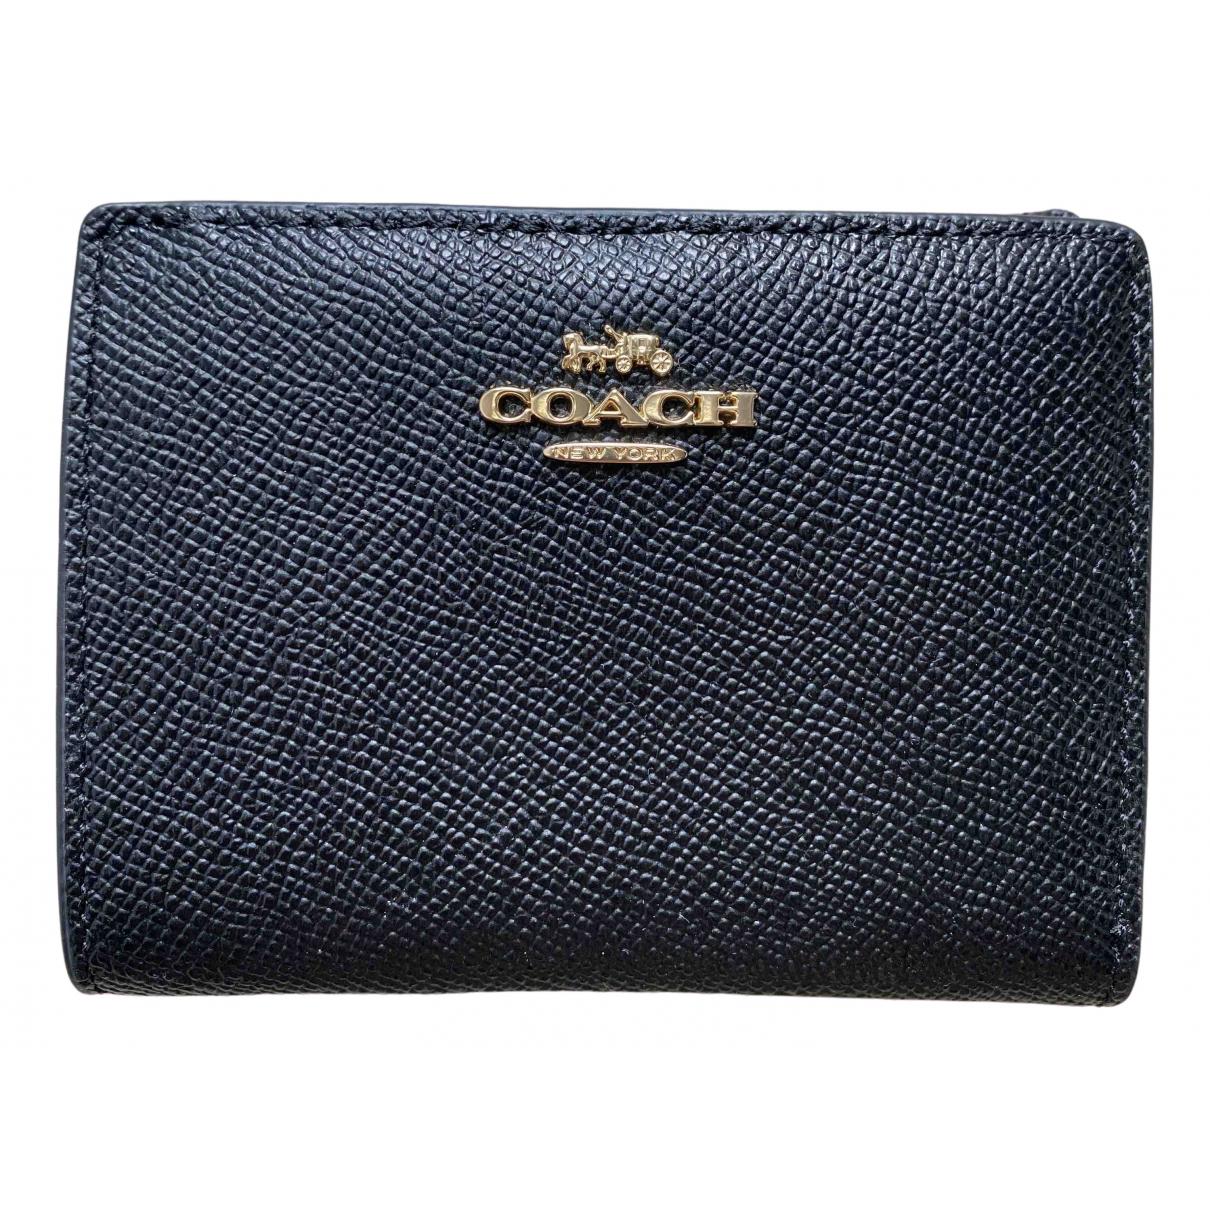 Coach - Portefeuille   pour femme en cuir - noir